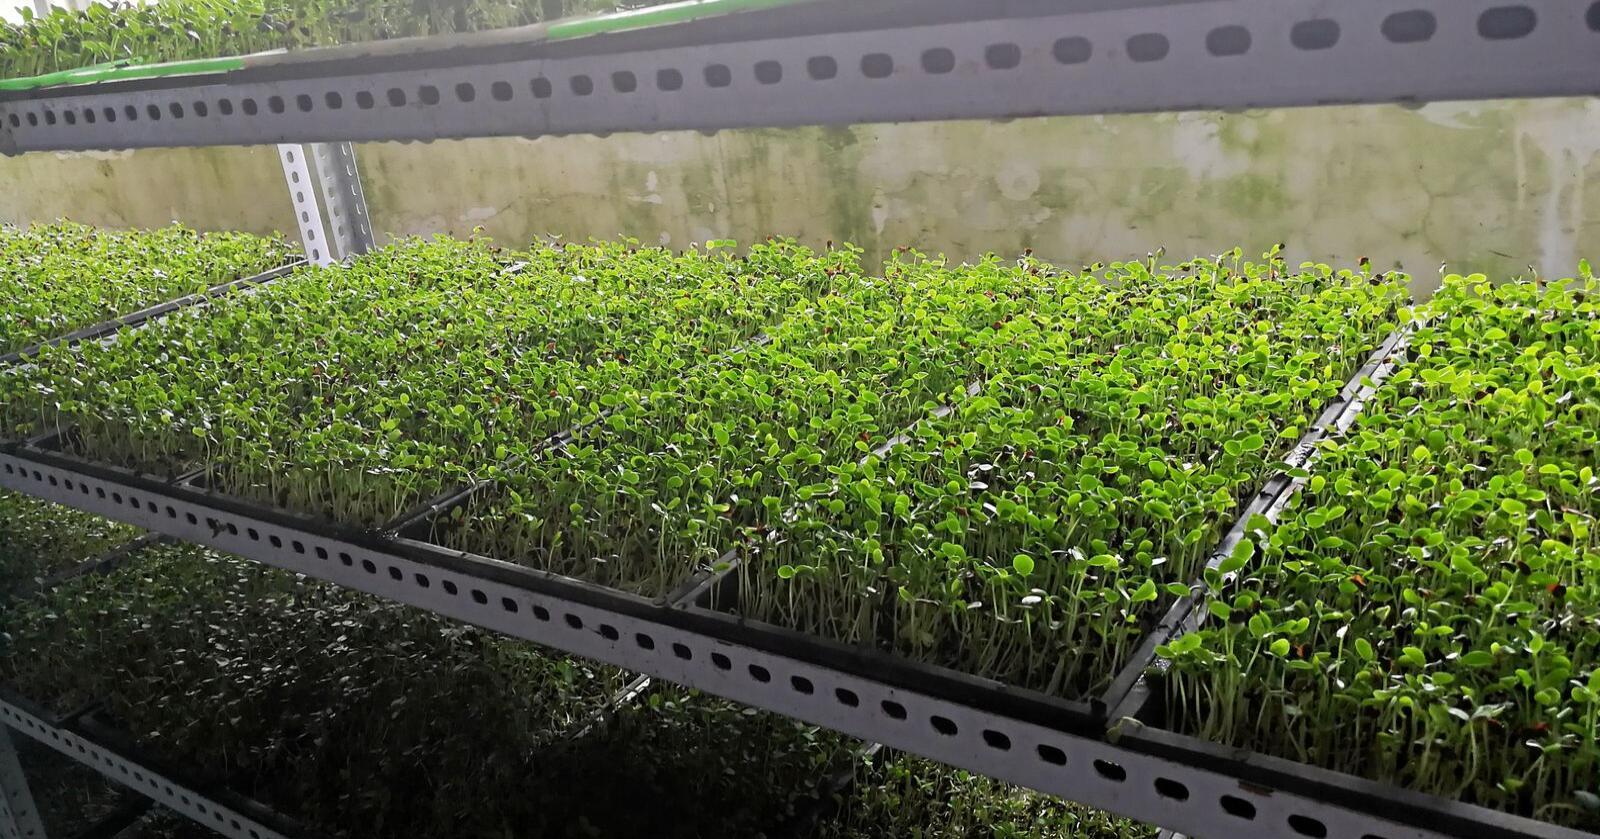 Mye tid hjemme gir nemlig muligheter til å dyrke nye hobbyer, slik som dyrking av mikrogrønt, skriver forsker Jihong Liu Clarke. Foto: Jihong Liu Clarke